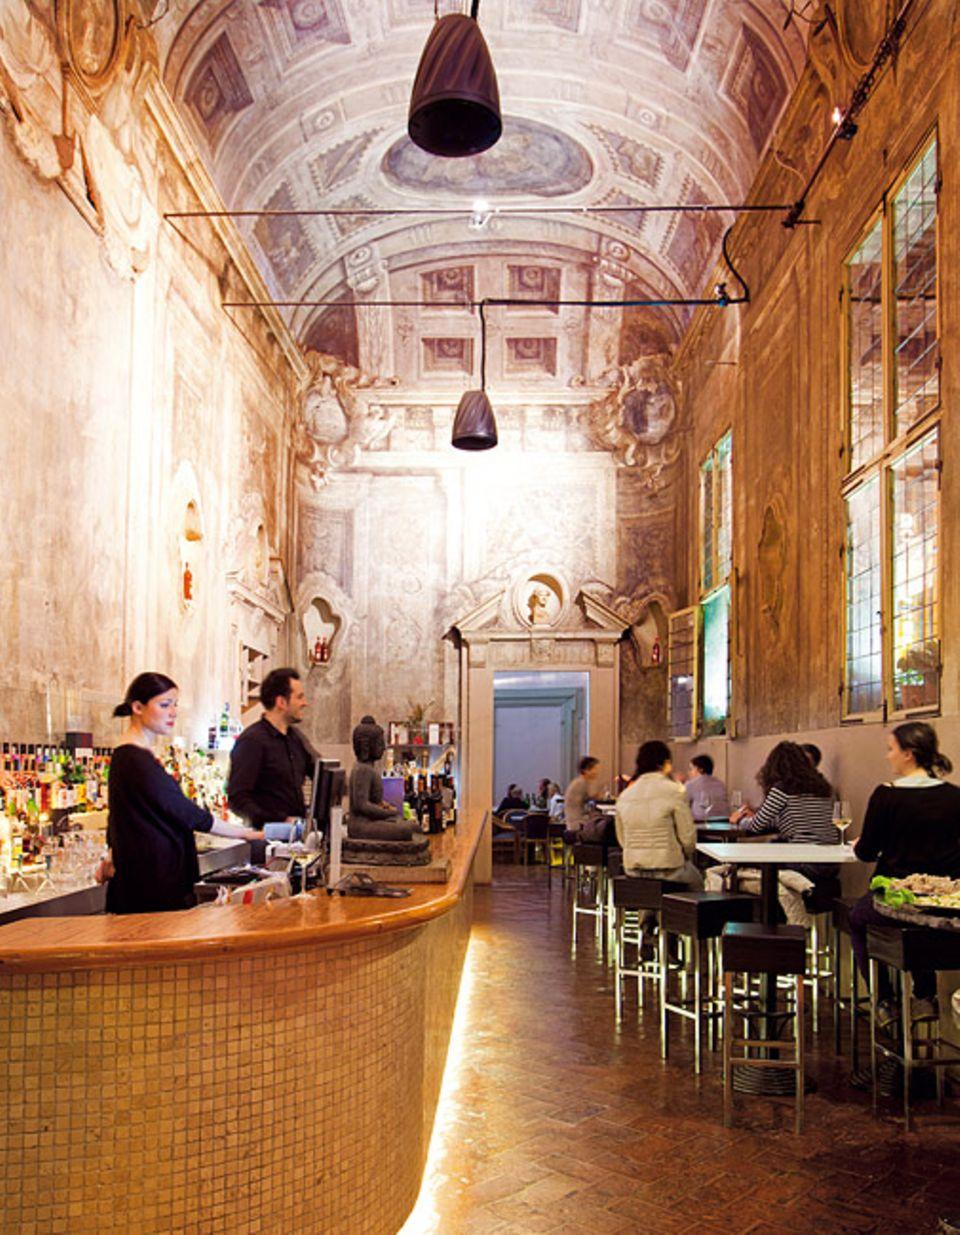 """Cocktails trinken unter Deckenmalereien - die Bar """"Le Stanze"""" zählt sofort zu den Lieblingstipps von Bologna"""